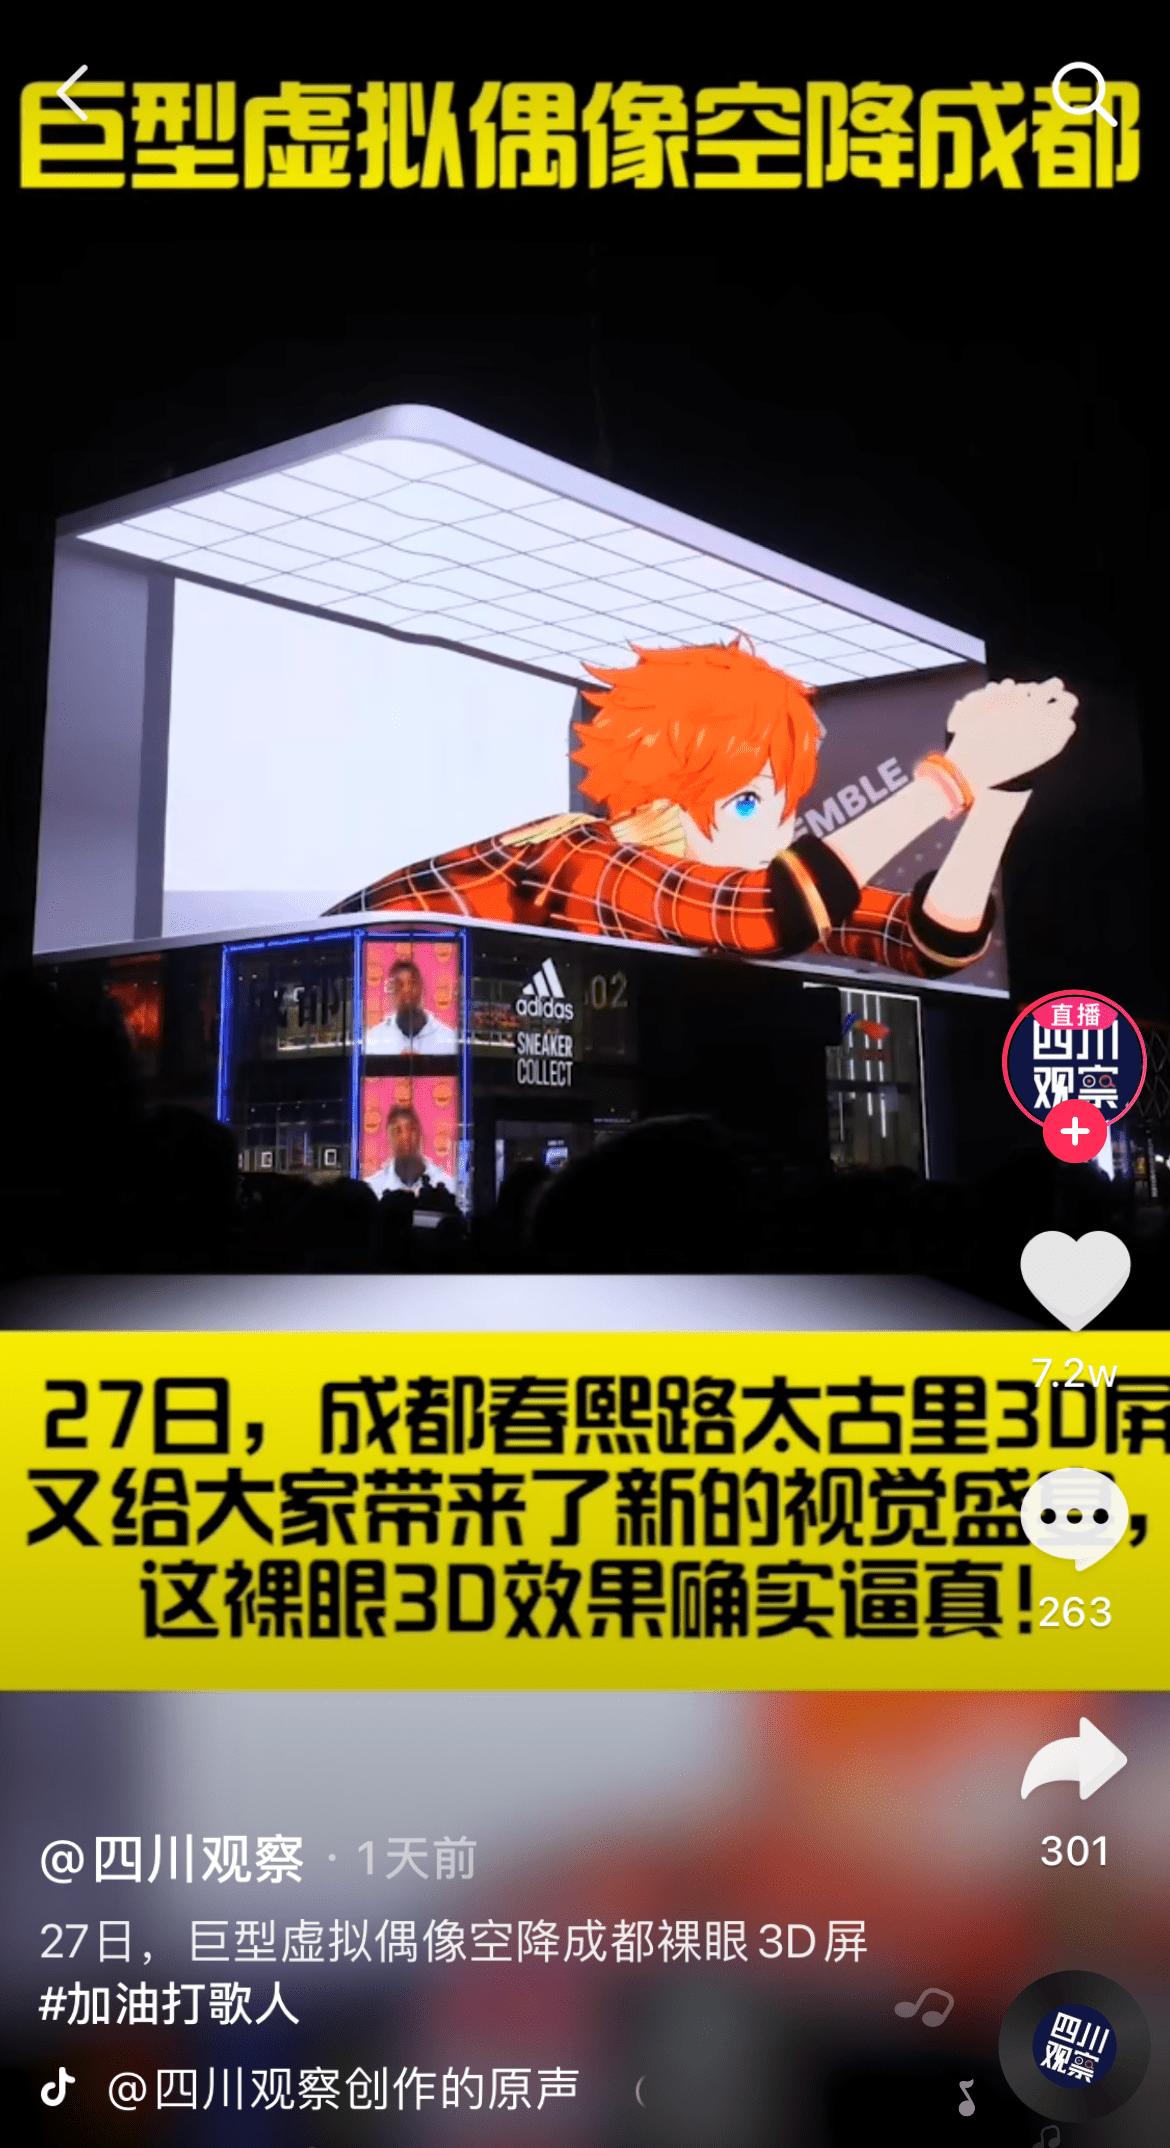 巨型虚拟偶像空降成都!《偶像梦幻祭2》全新诠释3D Live音乐手游  业内 第5张